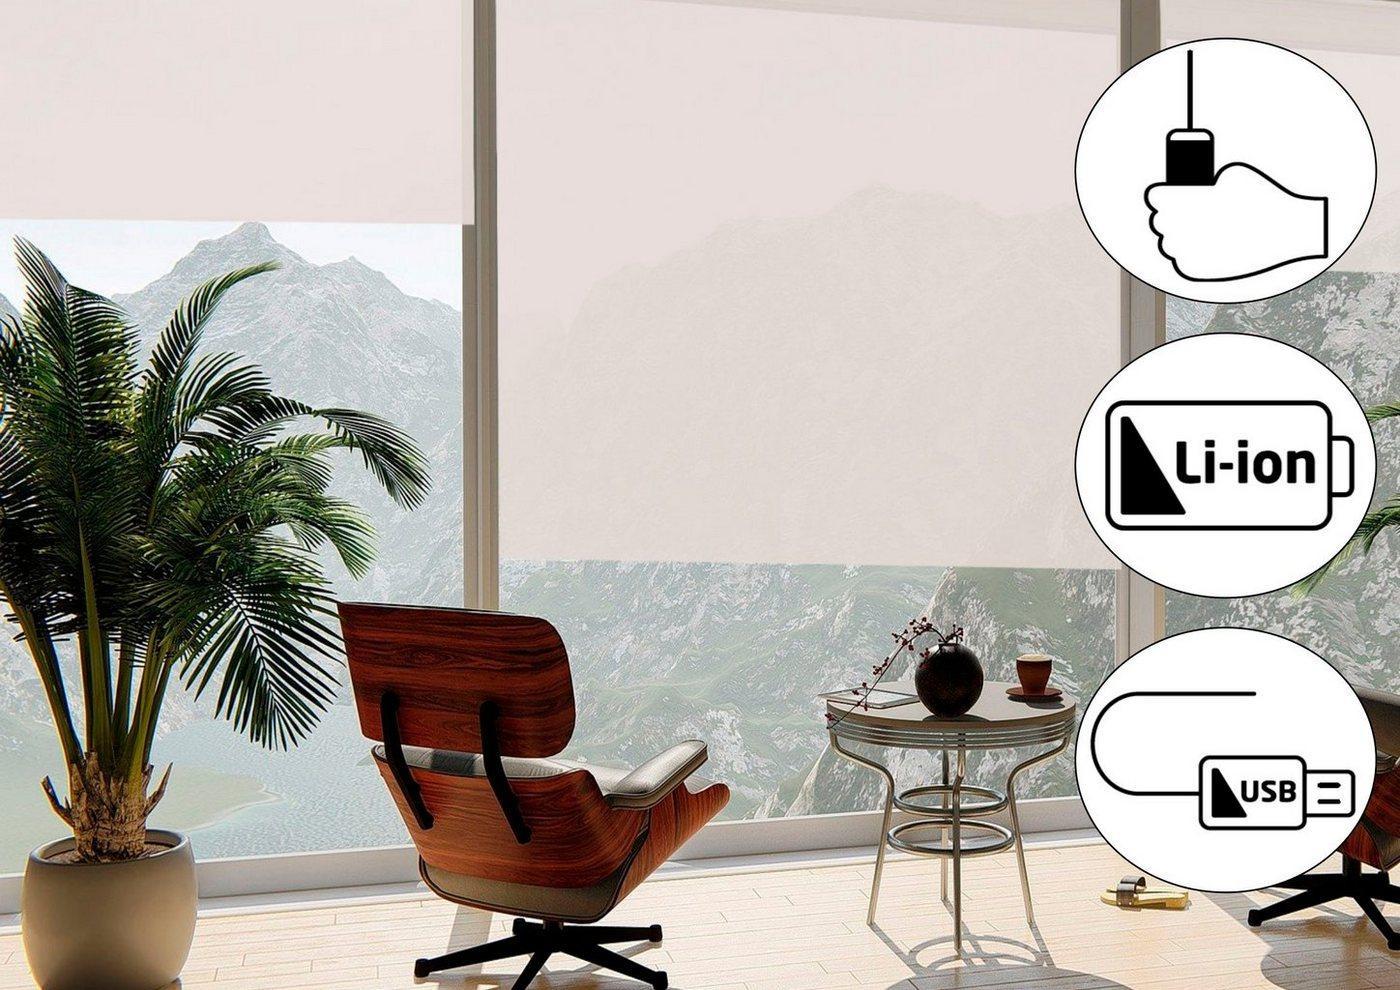 Seitenzugrollo »Classic Style Akku-Rollo«, sunlines, Lichtschutz, freihängend, Made in Germany, weiß